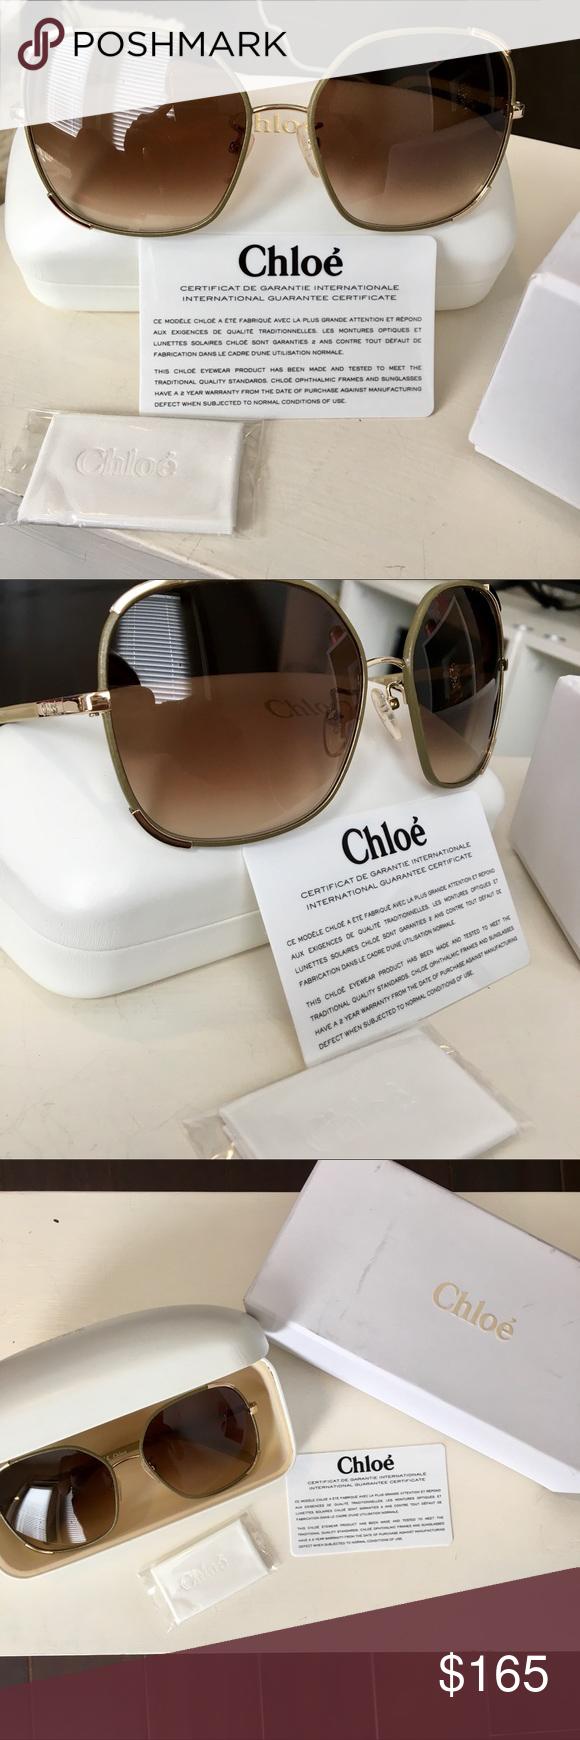 3102d2d42e08 ☀️CHLOE NWOT Oversized Sunglasses☀ NWOT CHLOE Oversized Army Green Square  Sunglasses with beautiful